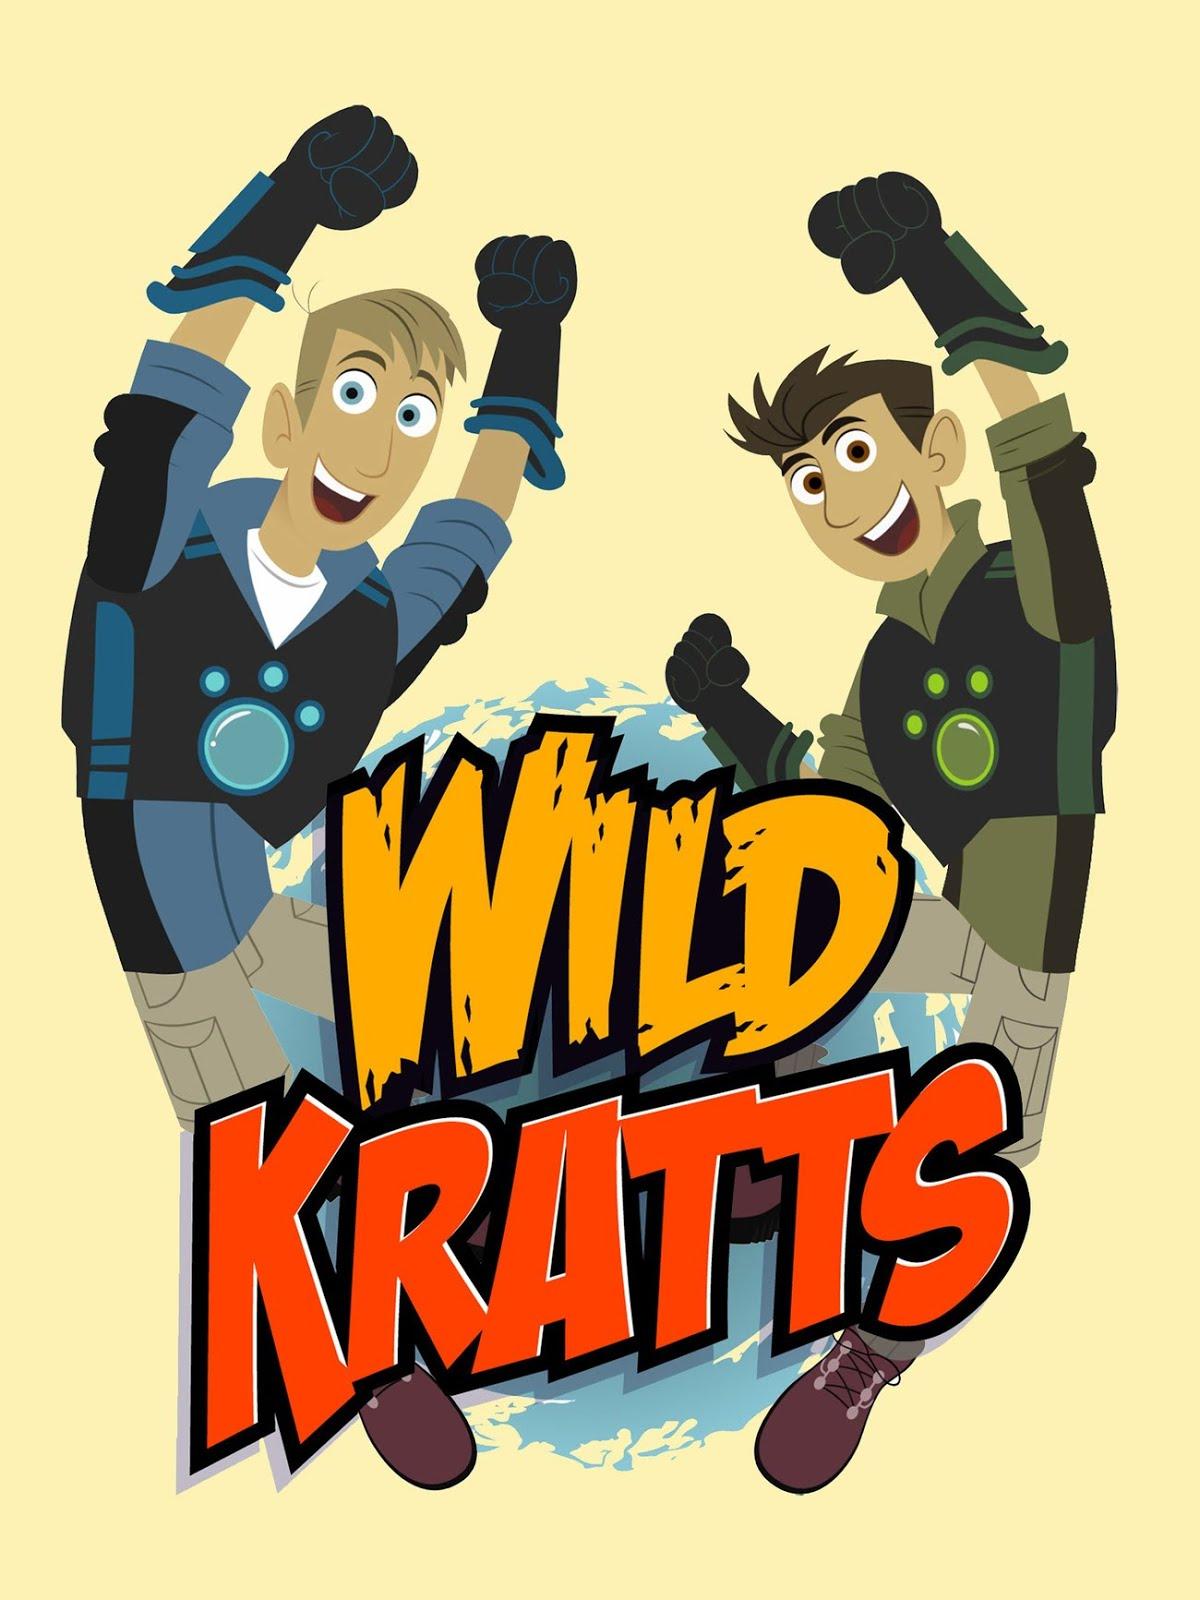 Cu Frații Kratt În Sălbăticie Online Dublat În Română Sezonul 3 Episodul 1